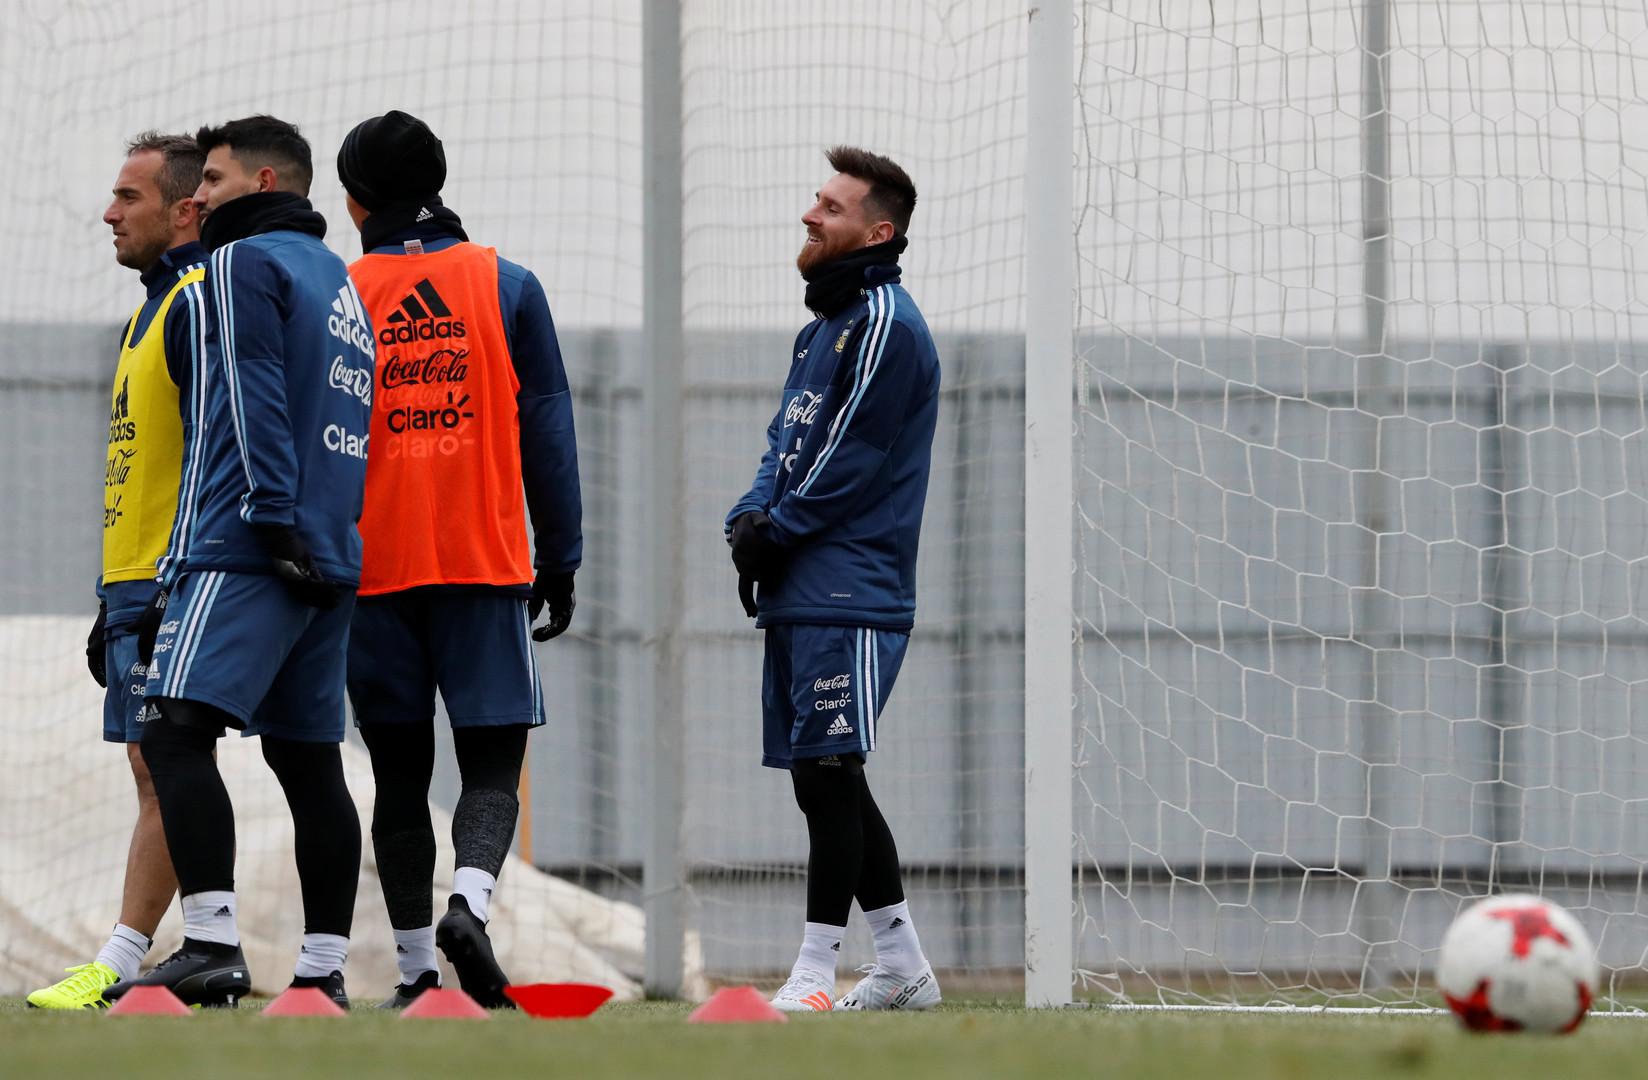 Месси и Неймар вместе прилетели на матч Бразилия — Аргентина